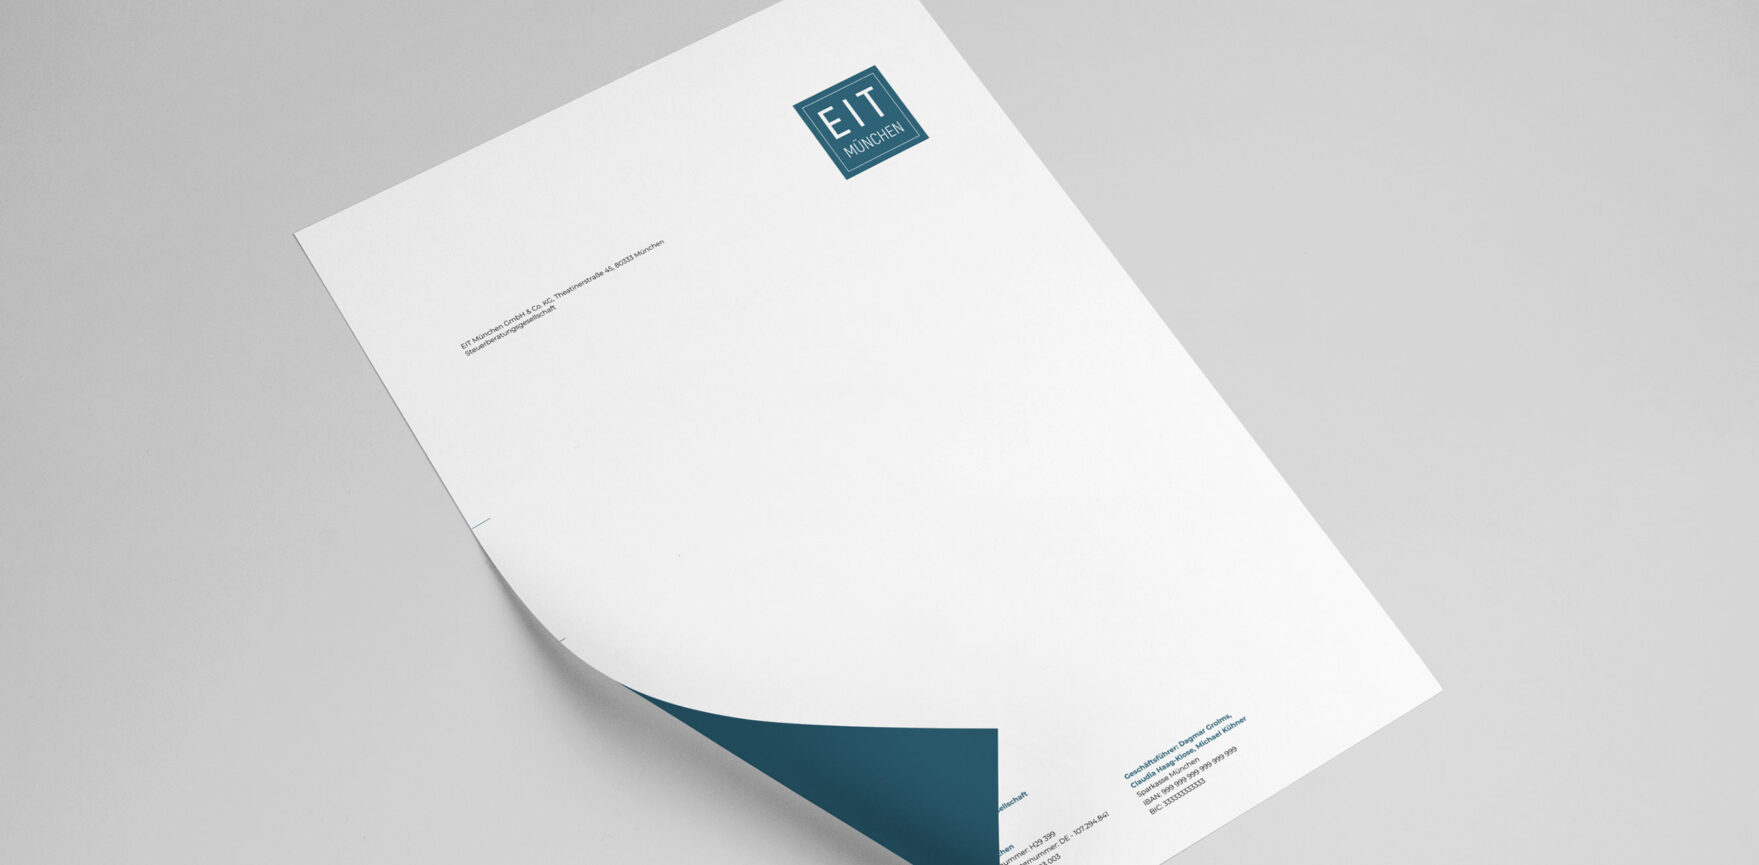 EIT Muechen Briefpapier